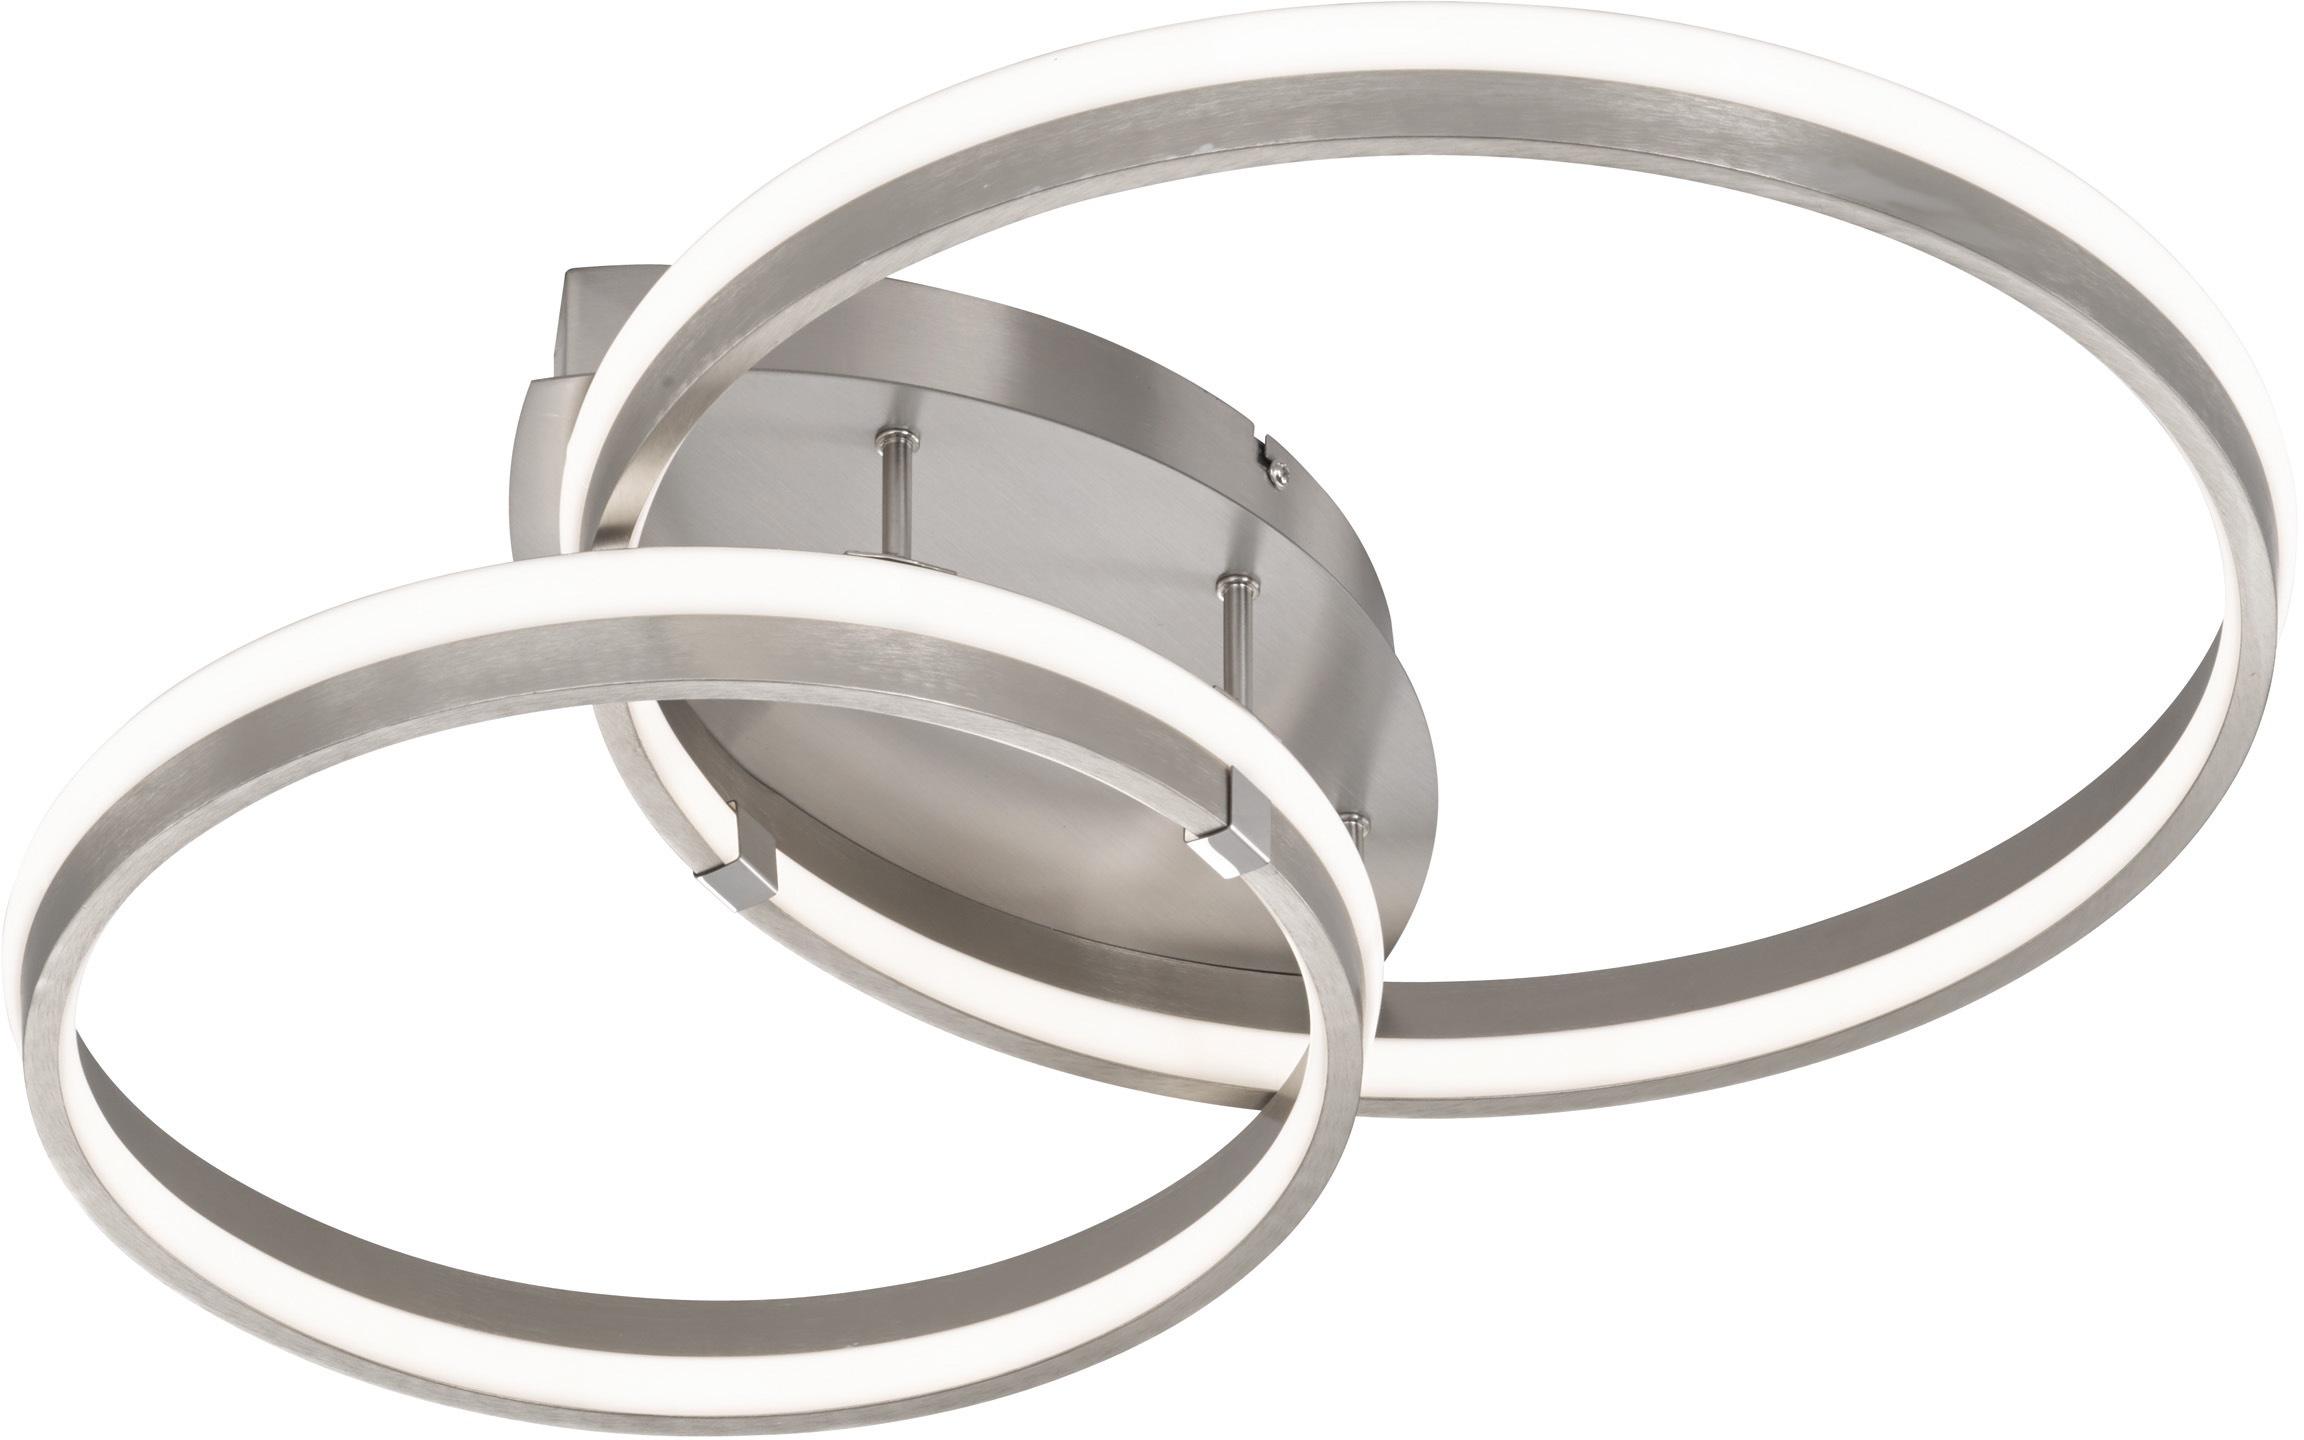 FISCHER & HONSEL LED Deckenleuchte Nomade, LED-Modul, Warmweiß